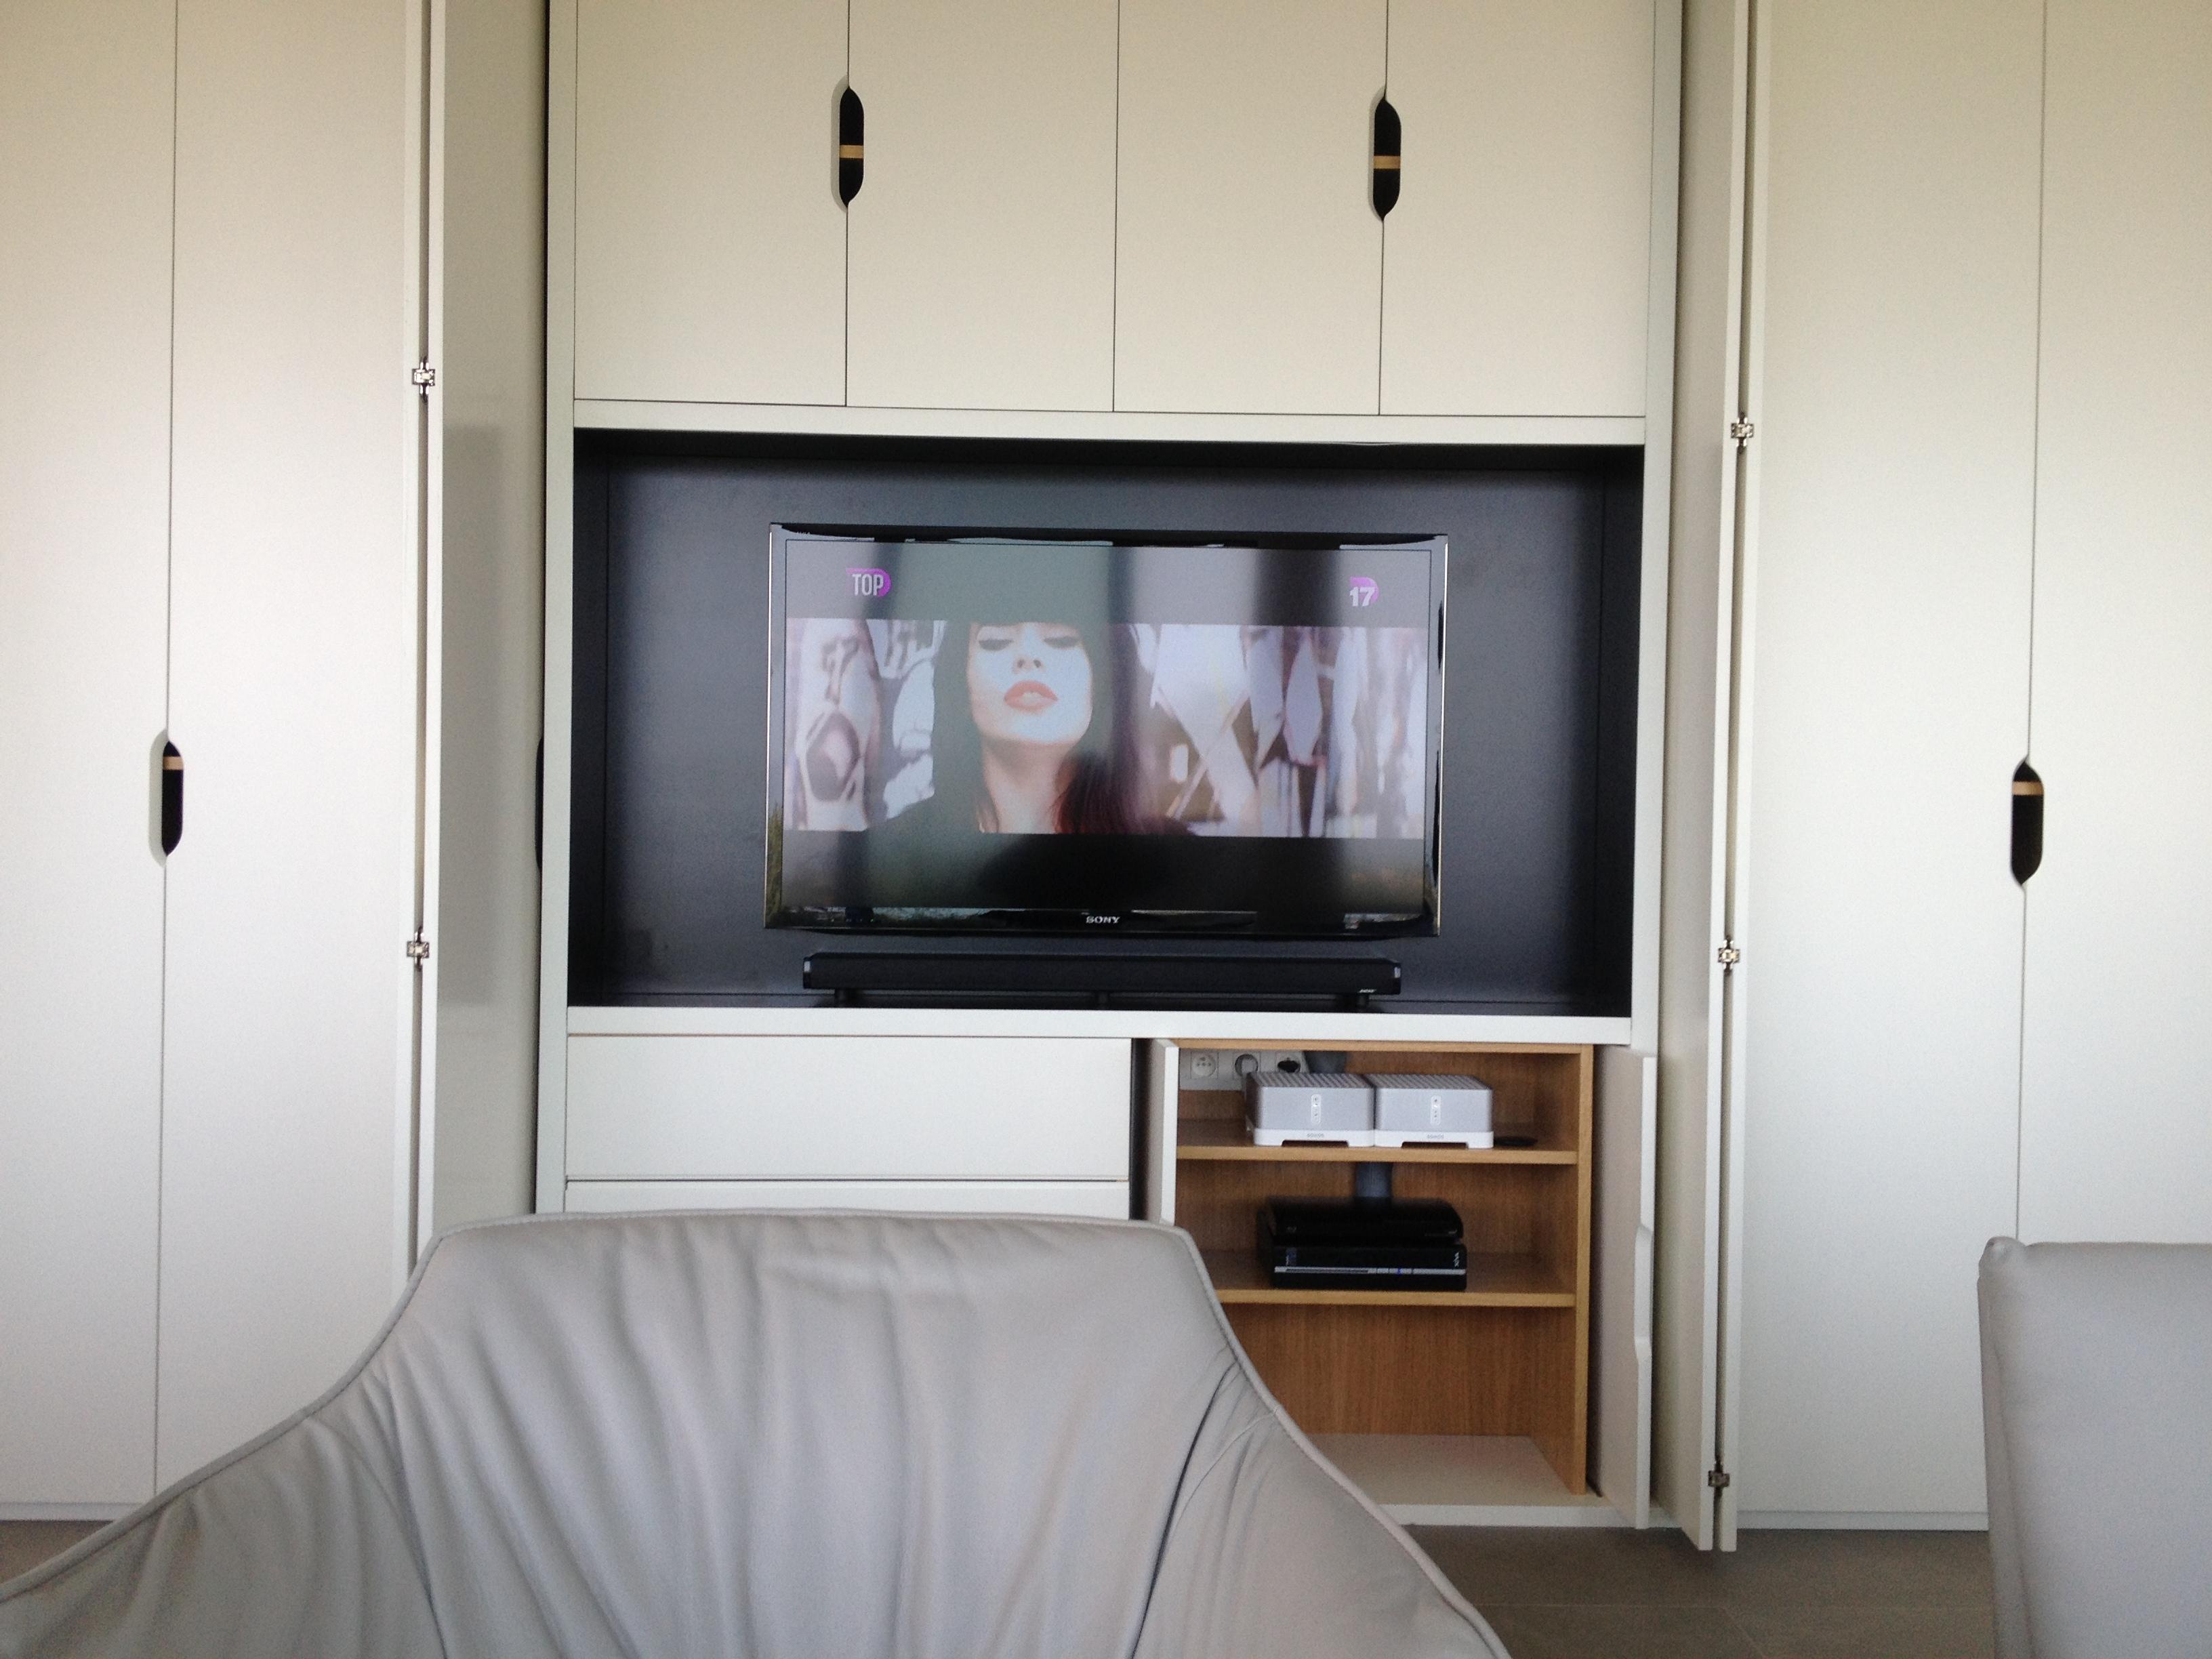 Barre De Son Bose Et Caisson De Grave Encastré - Coudert serapportantà Meuble Tv Sono